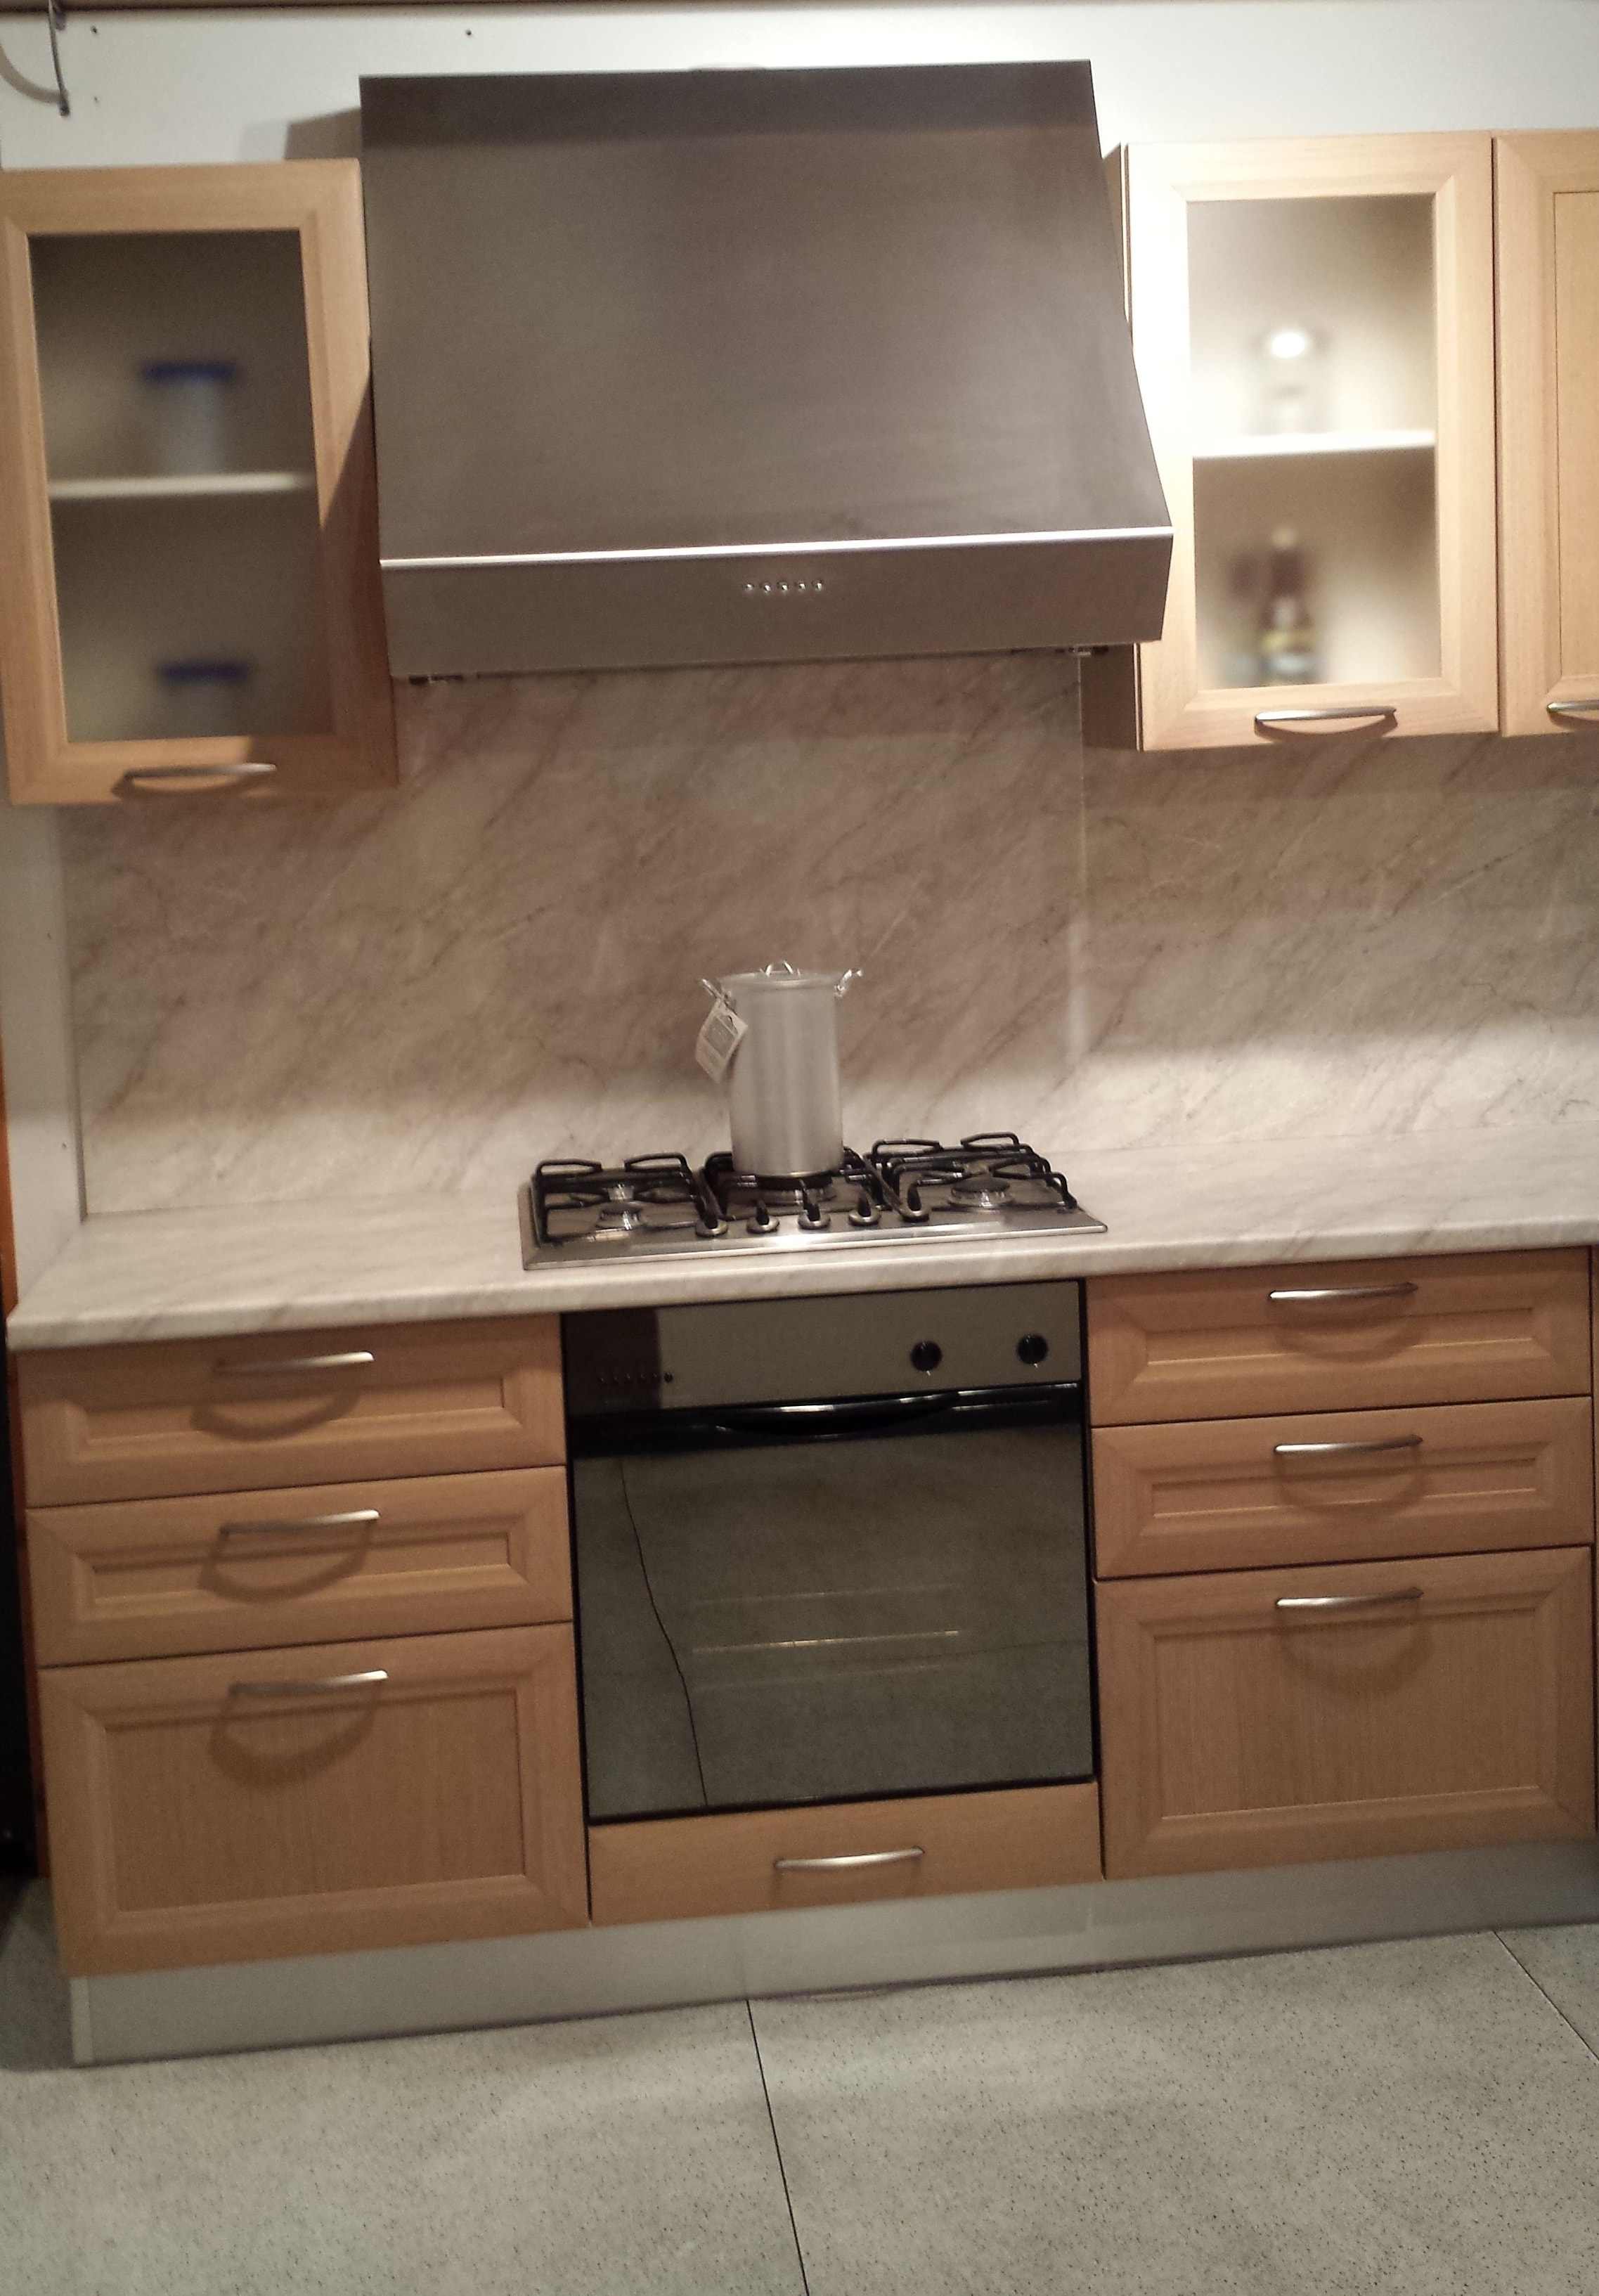 Cucina flavia in rovere sbiancato di lube scontata cucine a prezzi scontati - Rovere sbiancato cucina ...